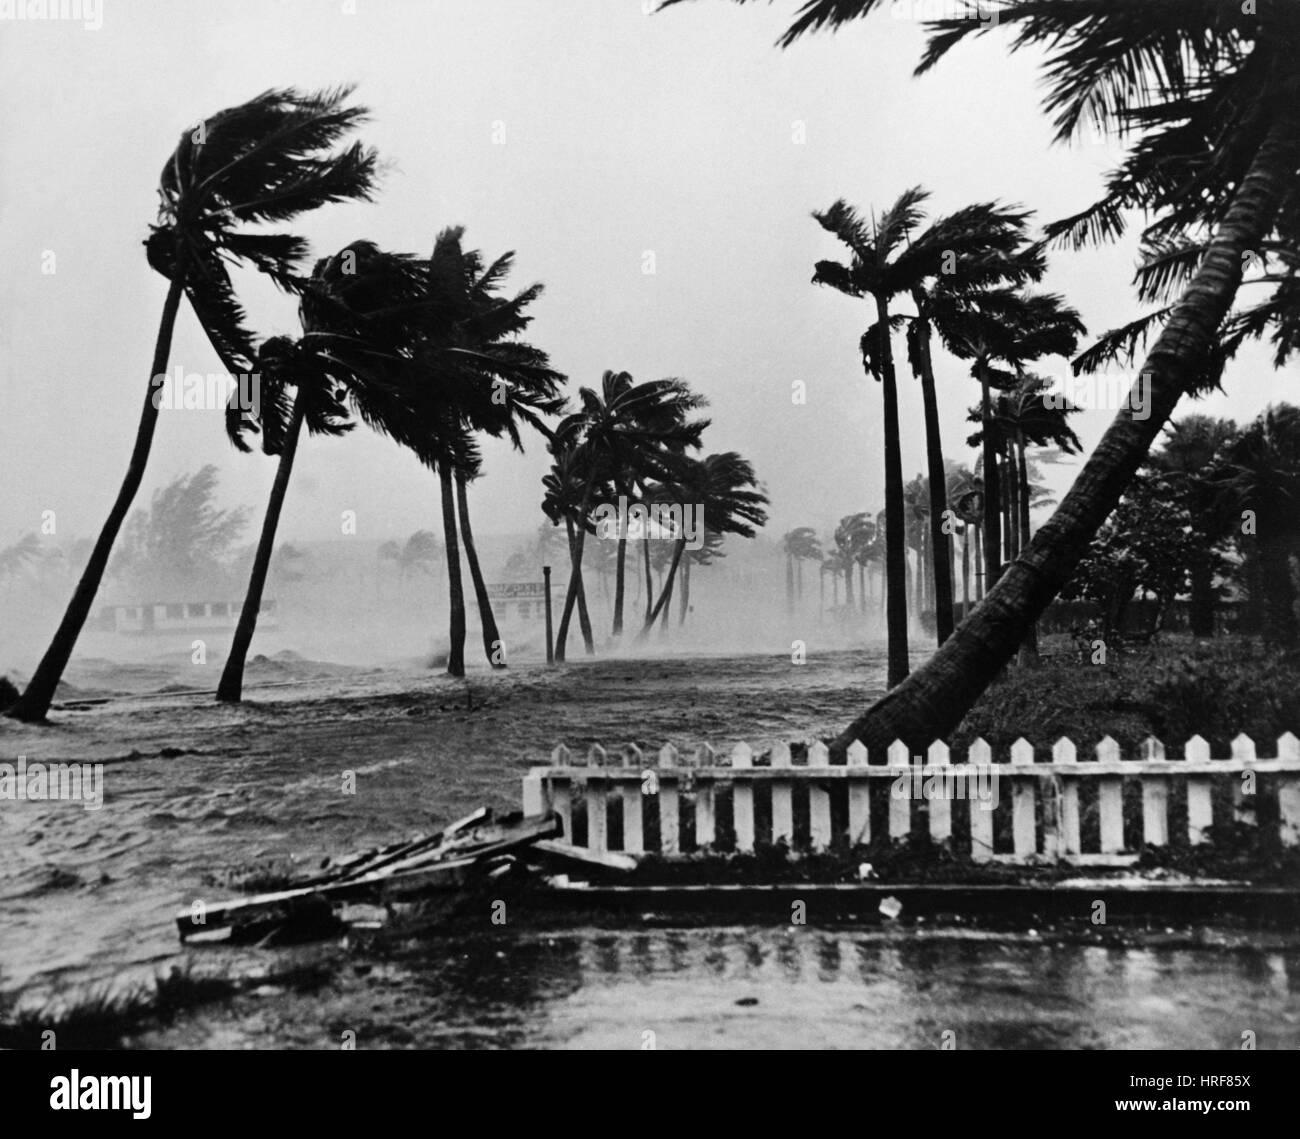 Hurrikan in Palm Beach Stockbild